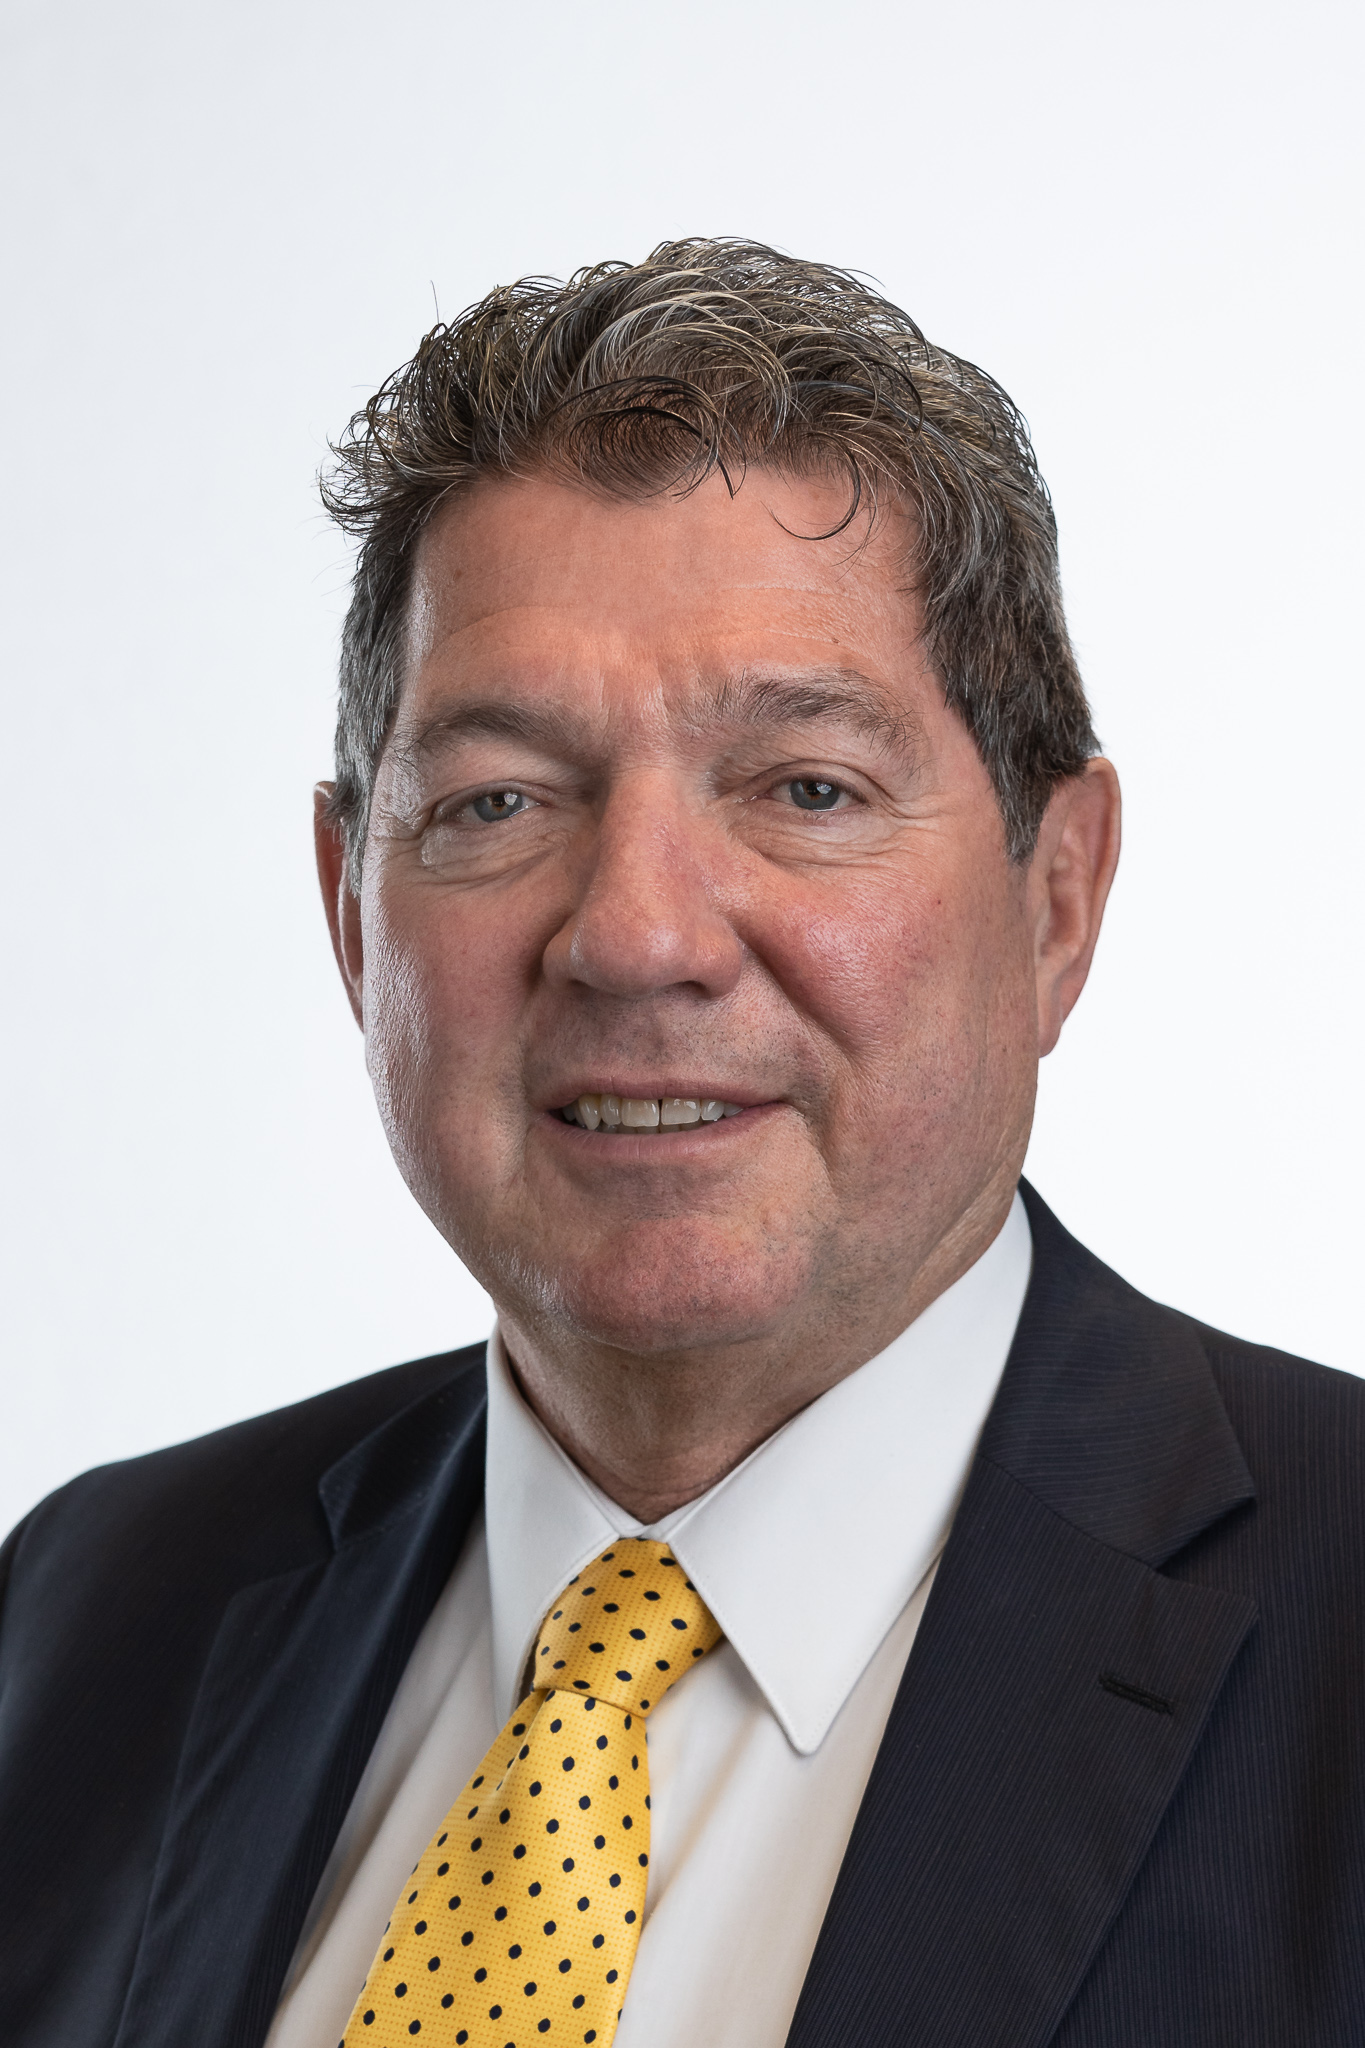 Headshot of John Aitken